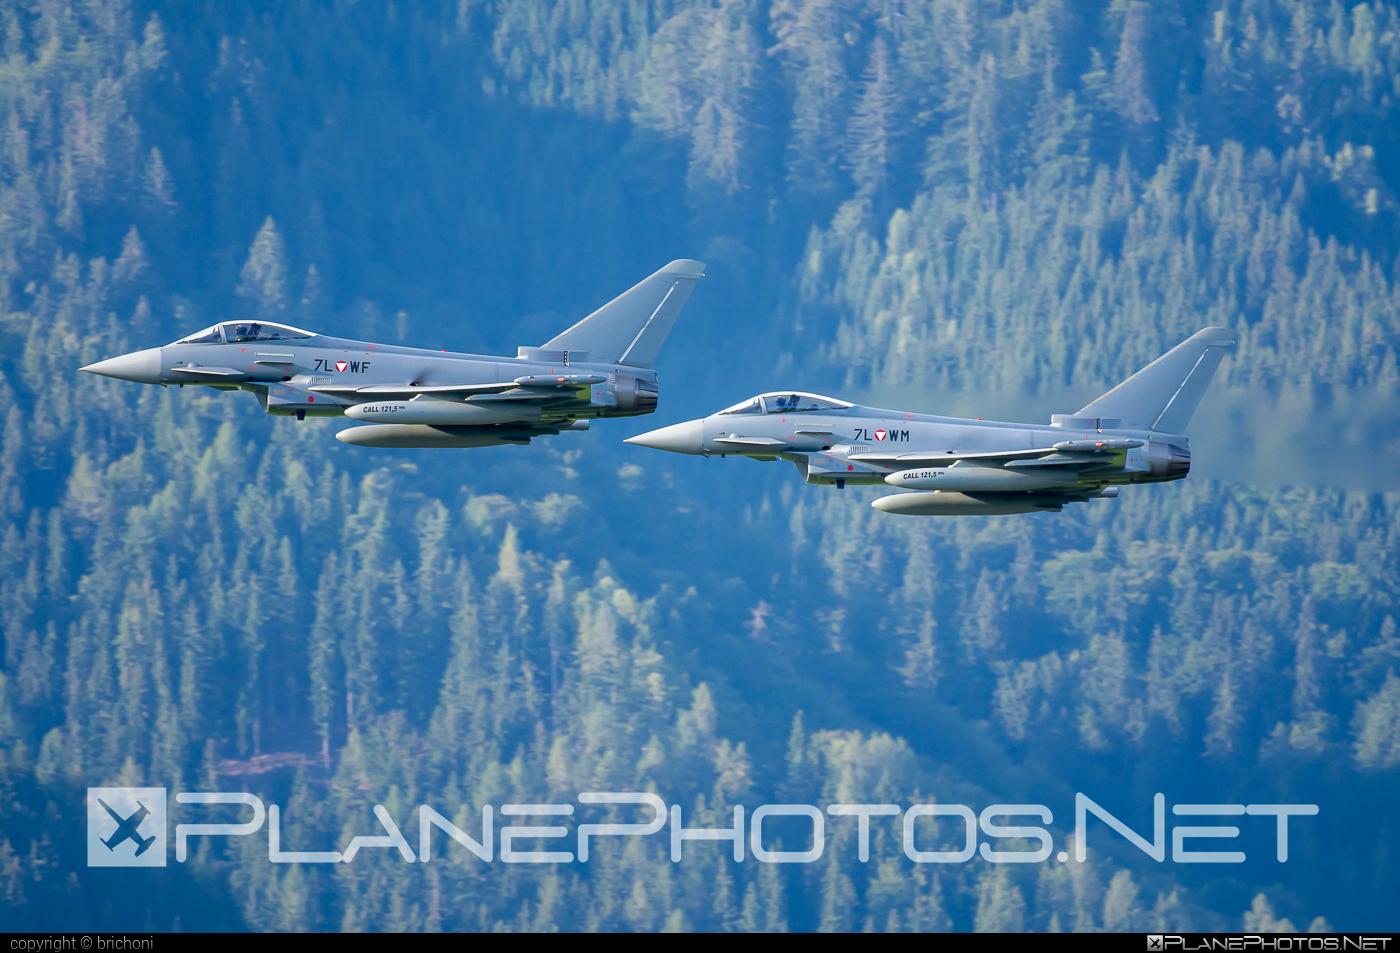 Eurofighter Typhoon S - 7L-WF operated by Österreichische Luftstreitkräfte (Austrian Air Force) #airpower2019 #austrianairforce #eurofighter #typhoon